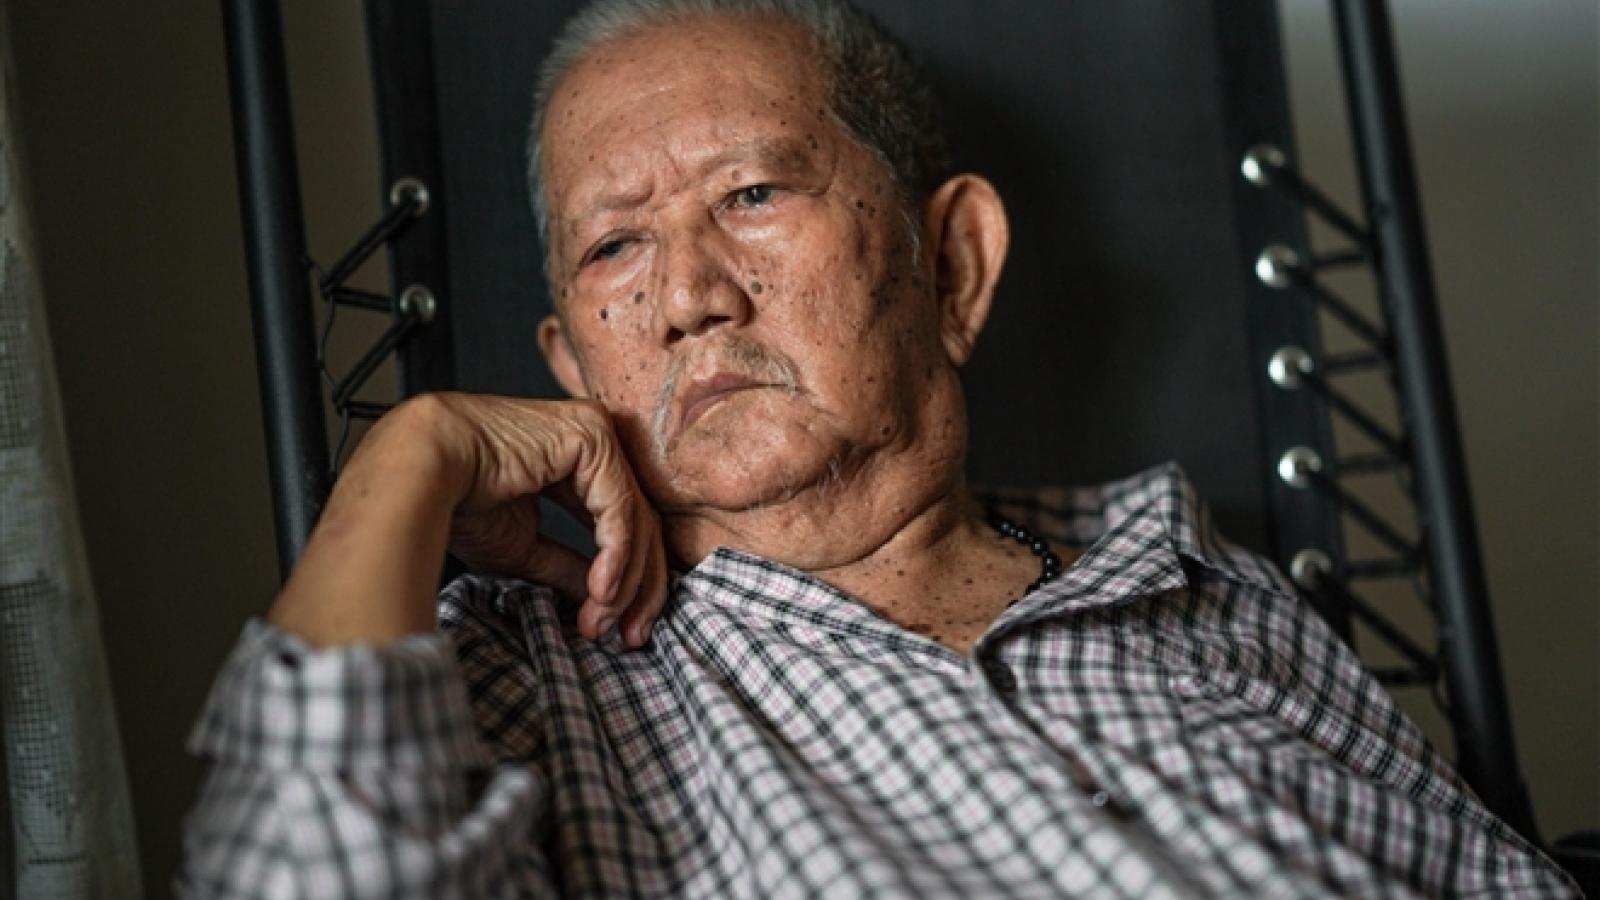 Sức khỏe nghệ sĩ Mạc Can tuổi 76: Không nhận ra người quen